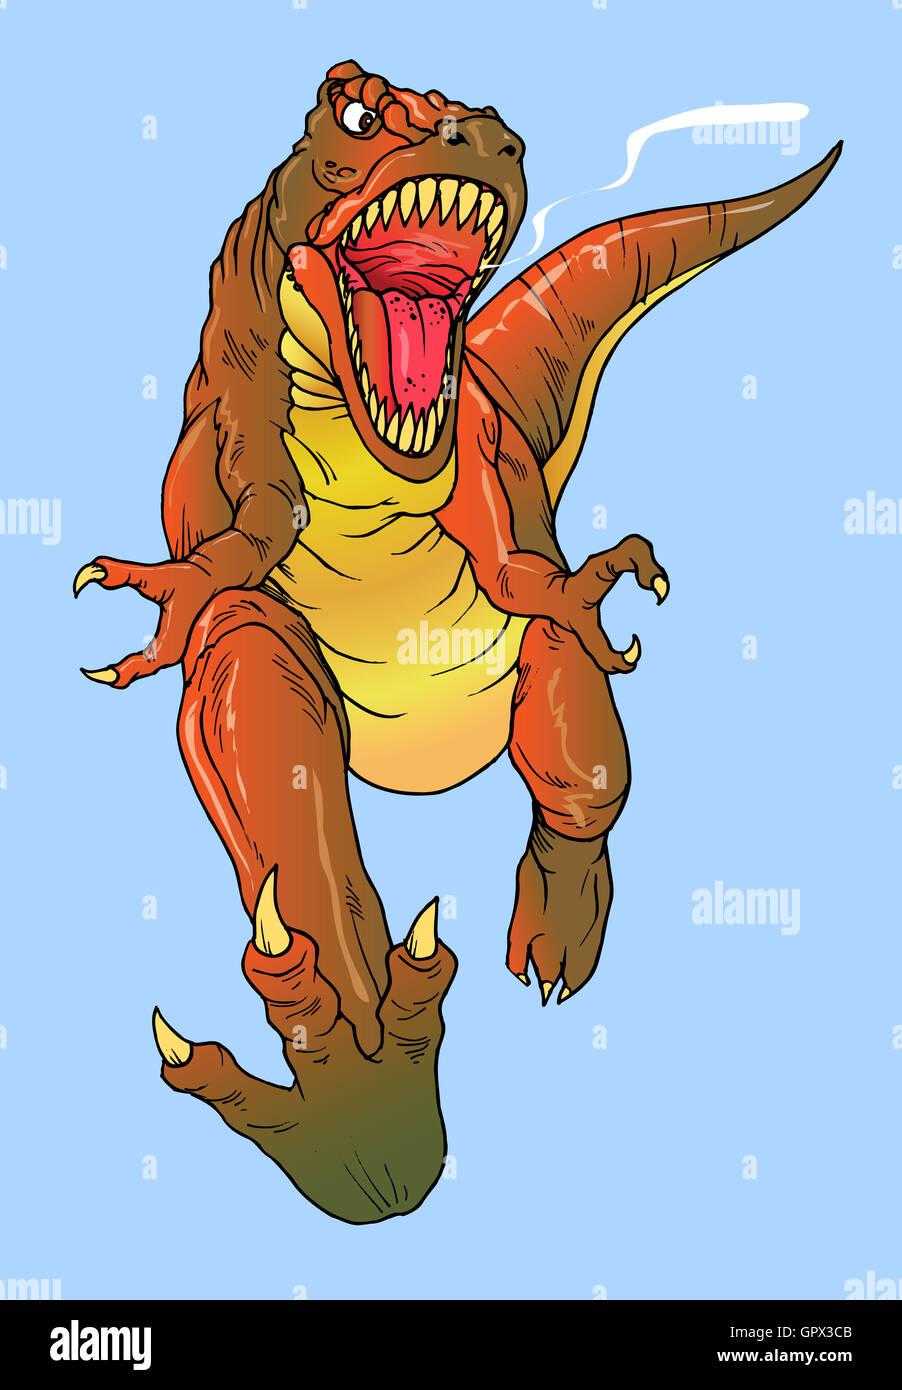 T-Rex feroz Tyrannosaurus dinasour o la caza con fines alimentarios Imagen De Stock